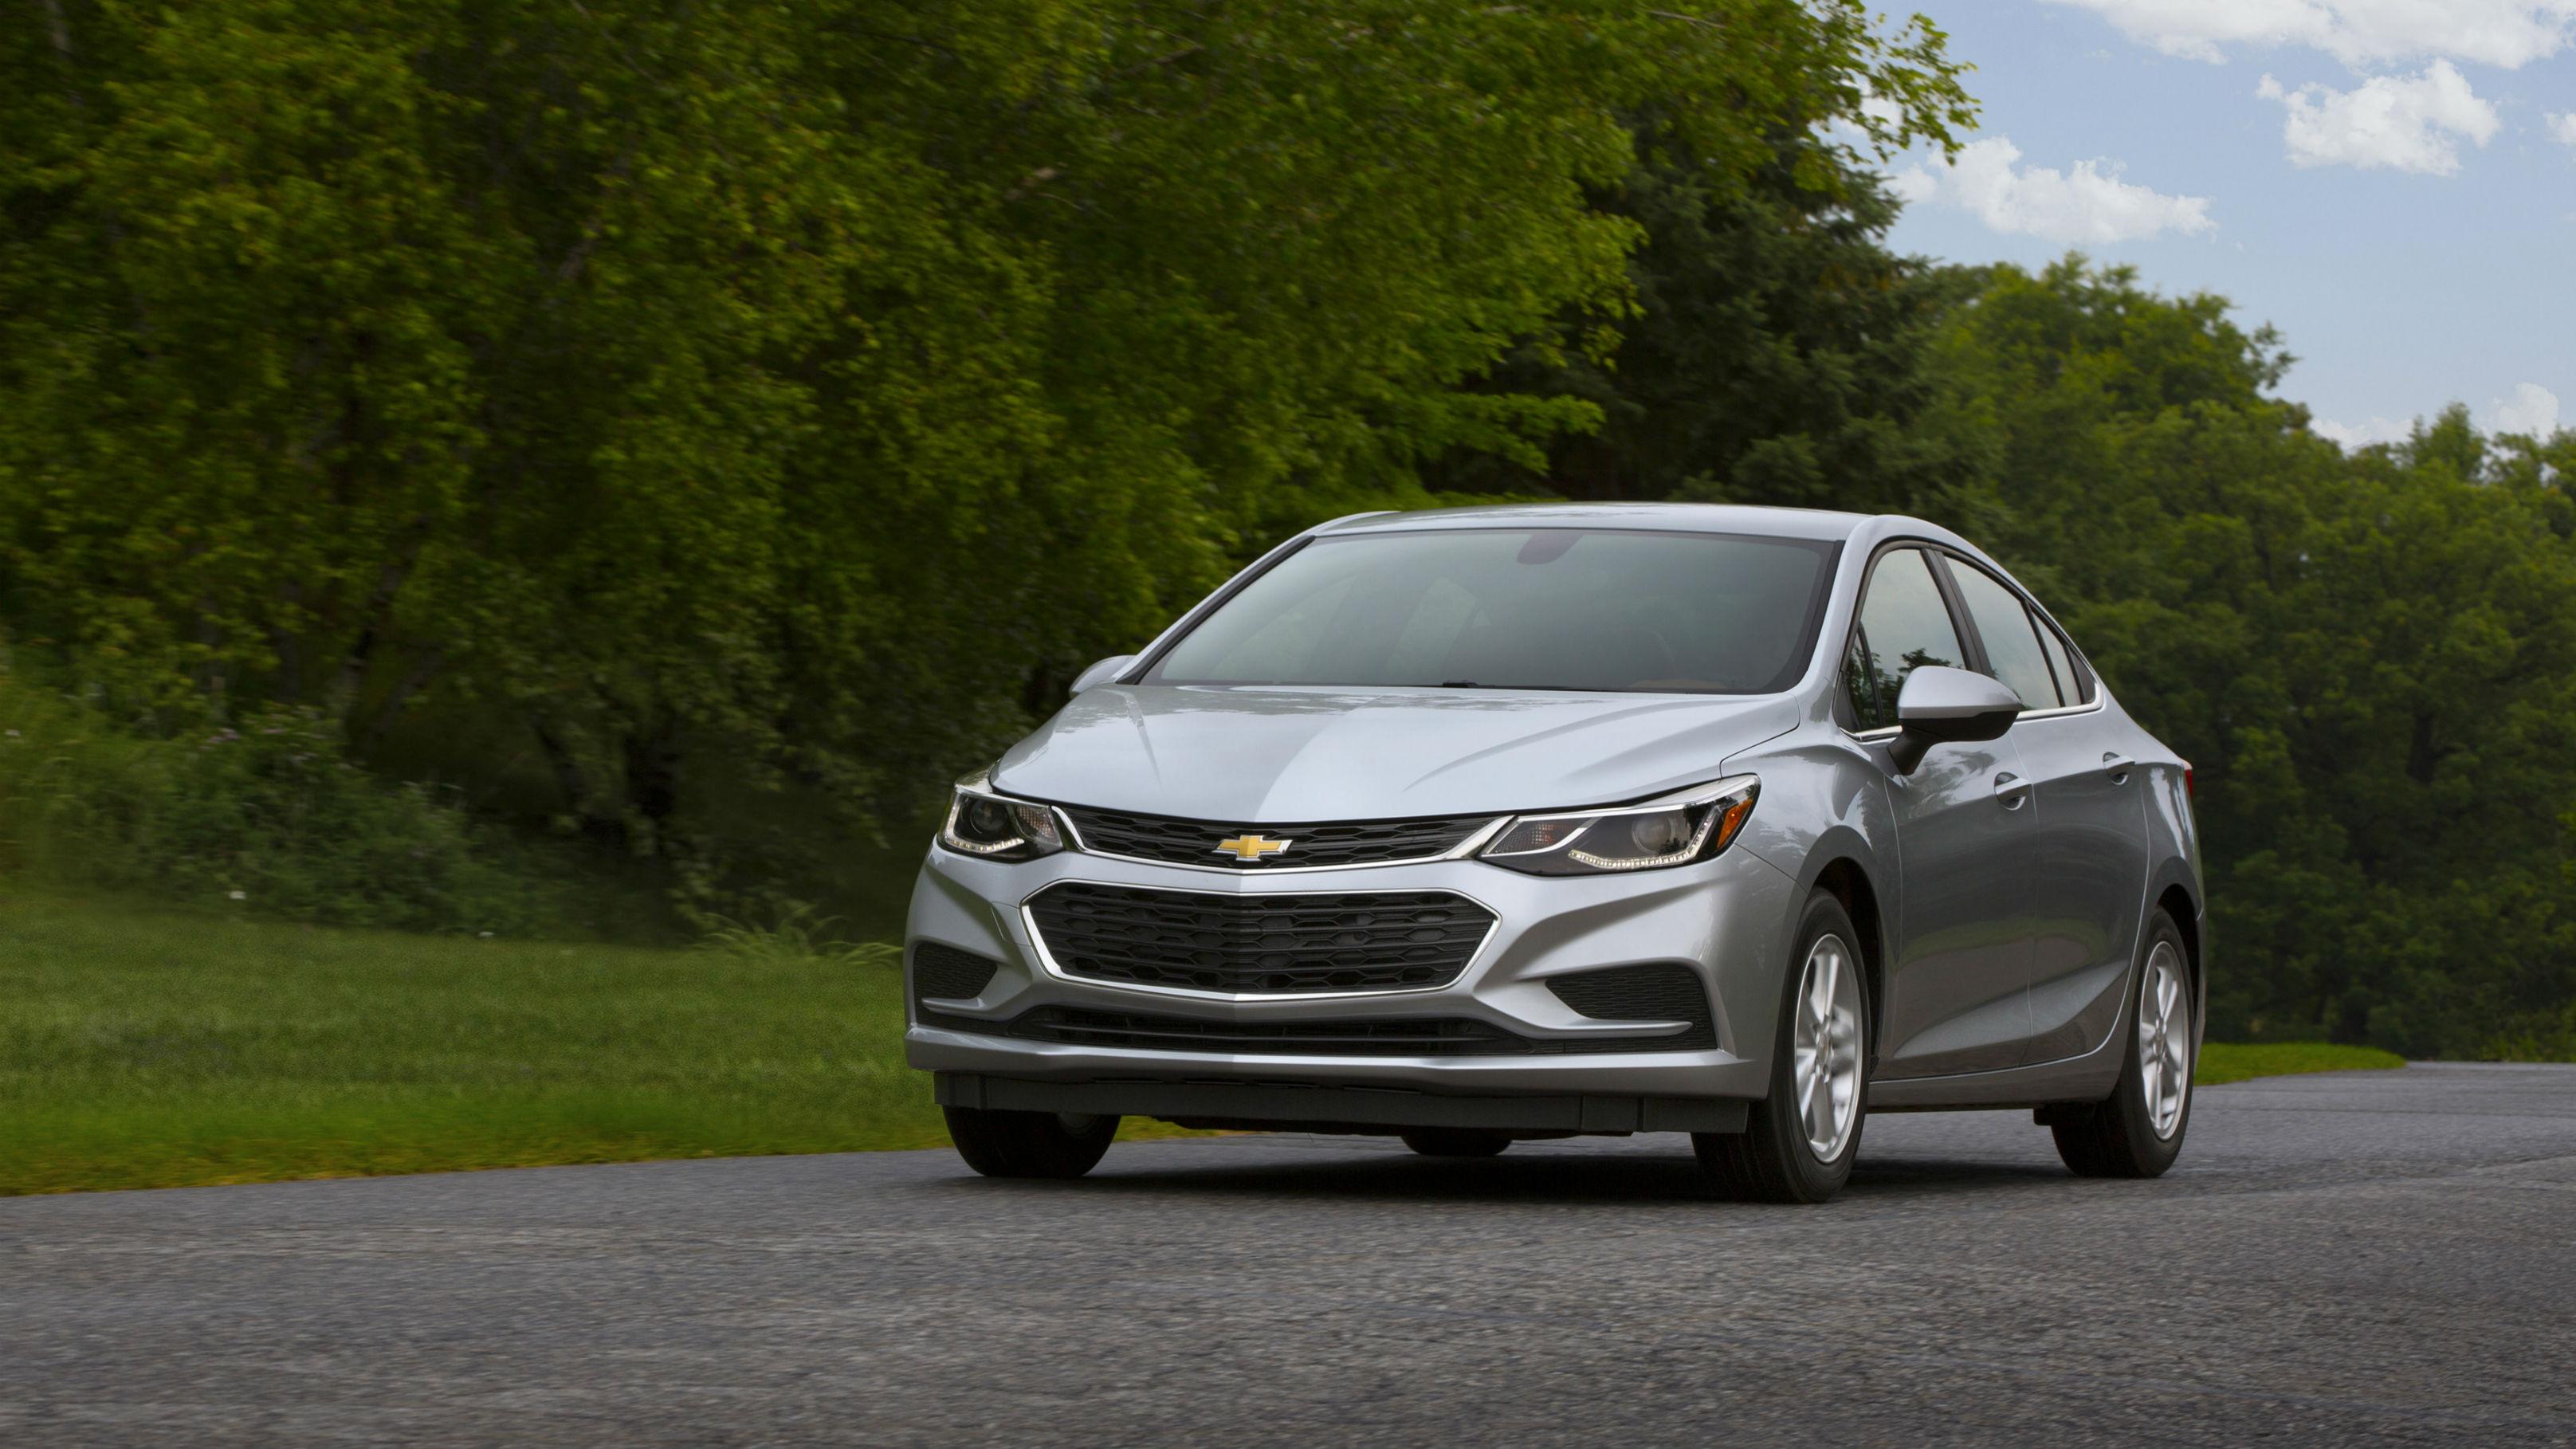 Buying Used 2016-2019 Chevrolet Cruze